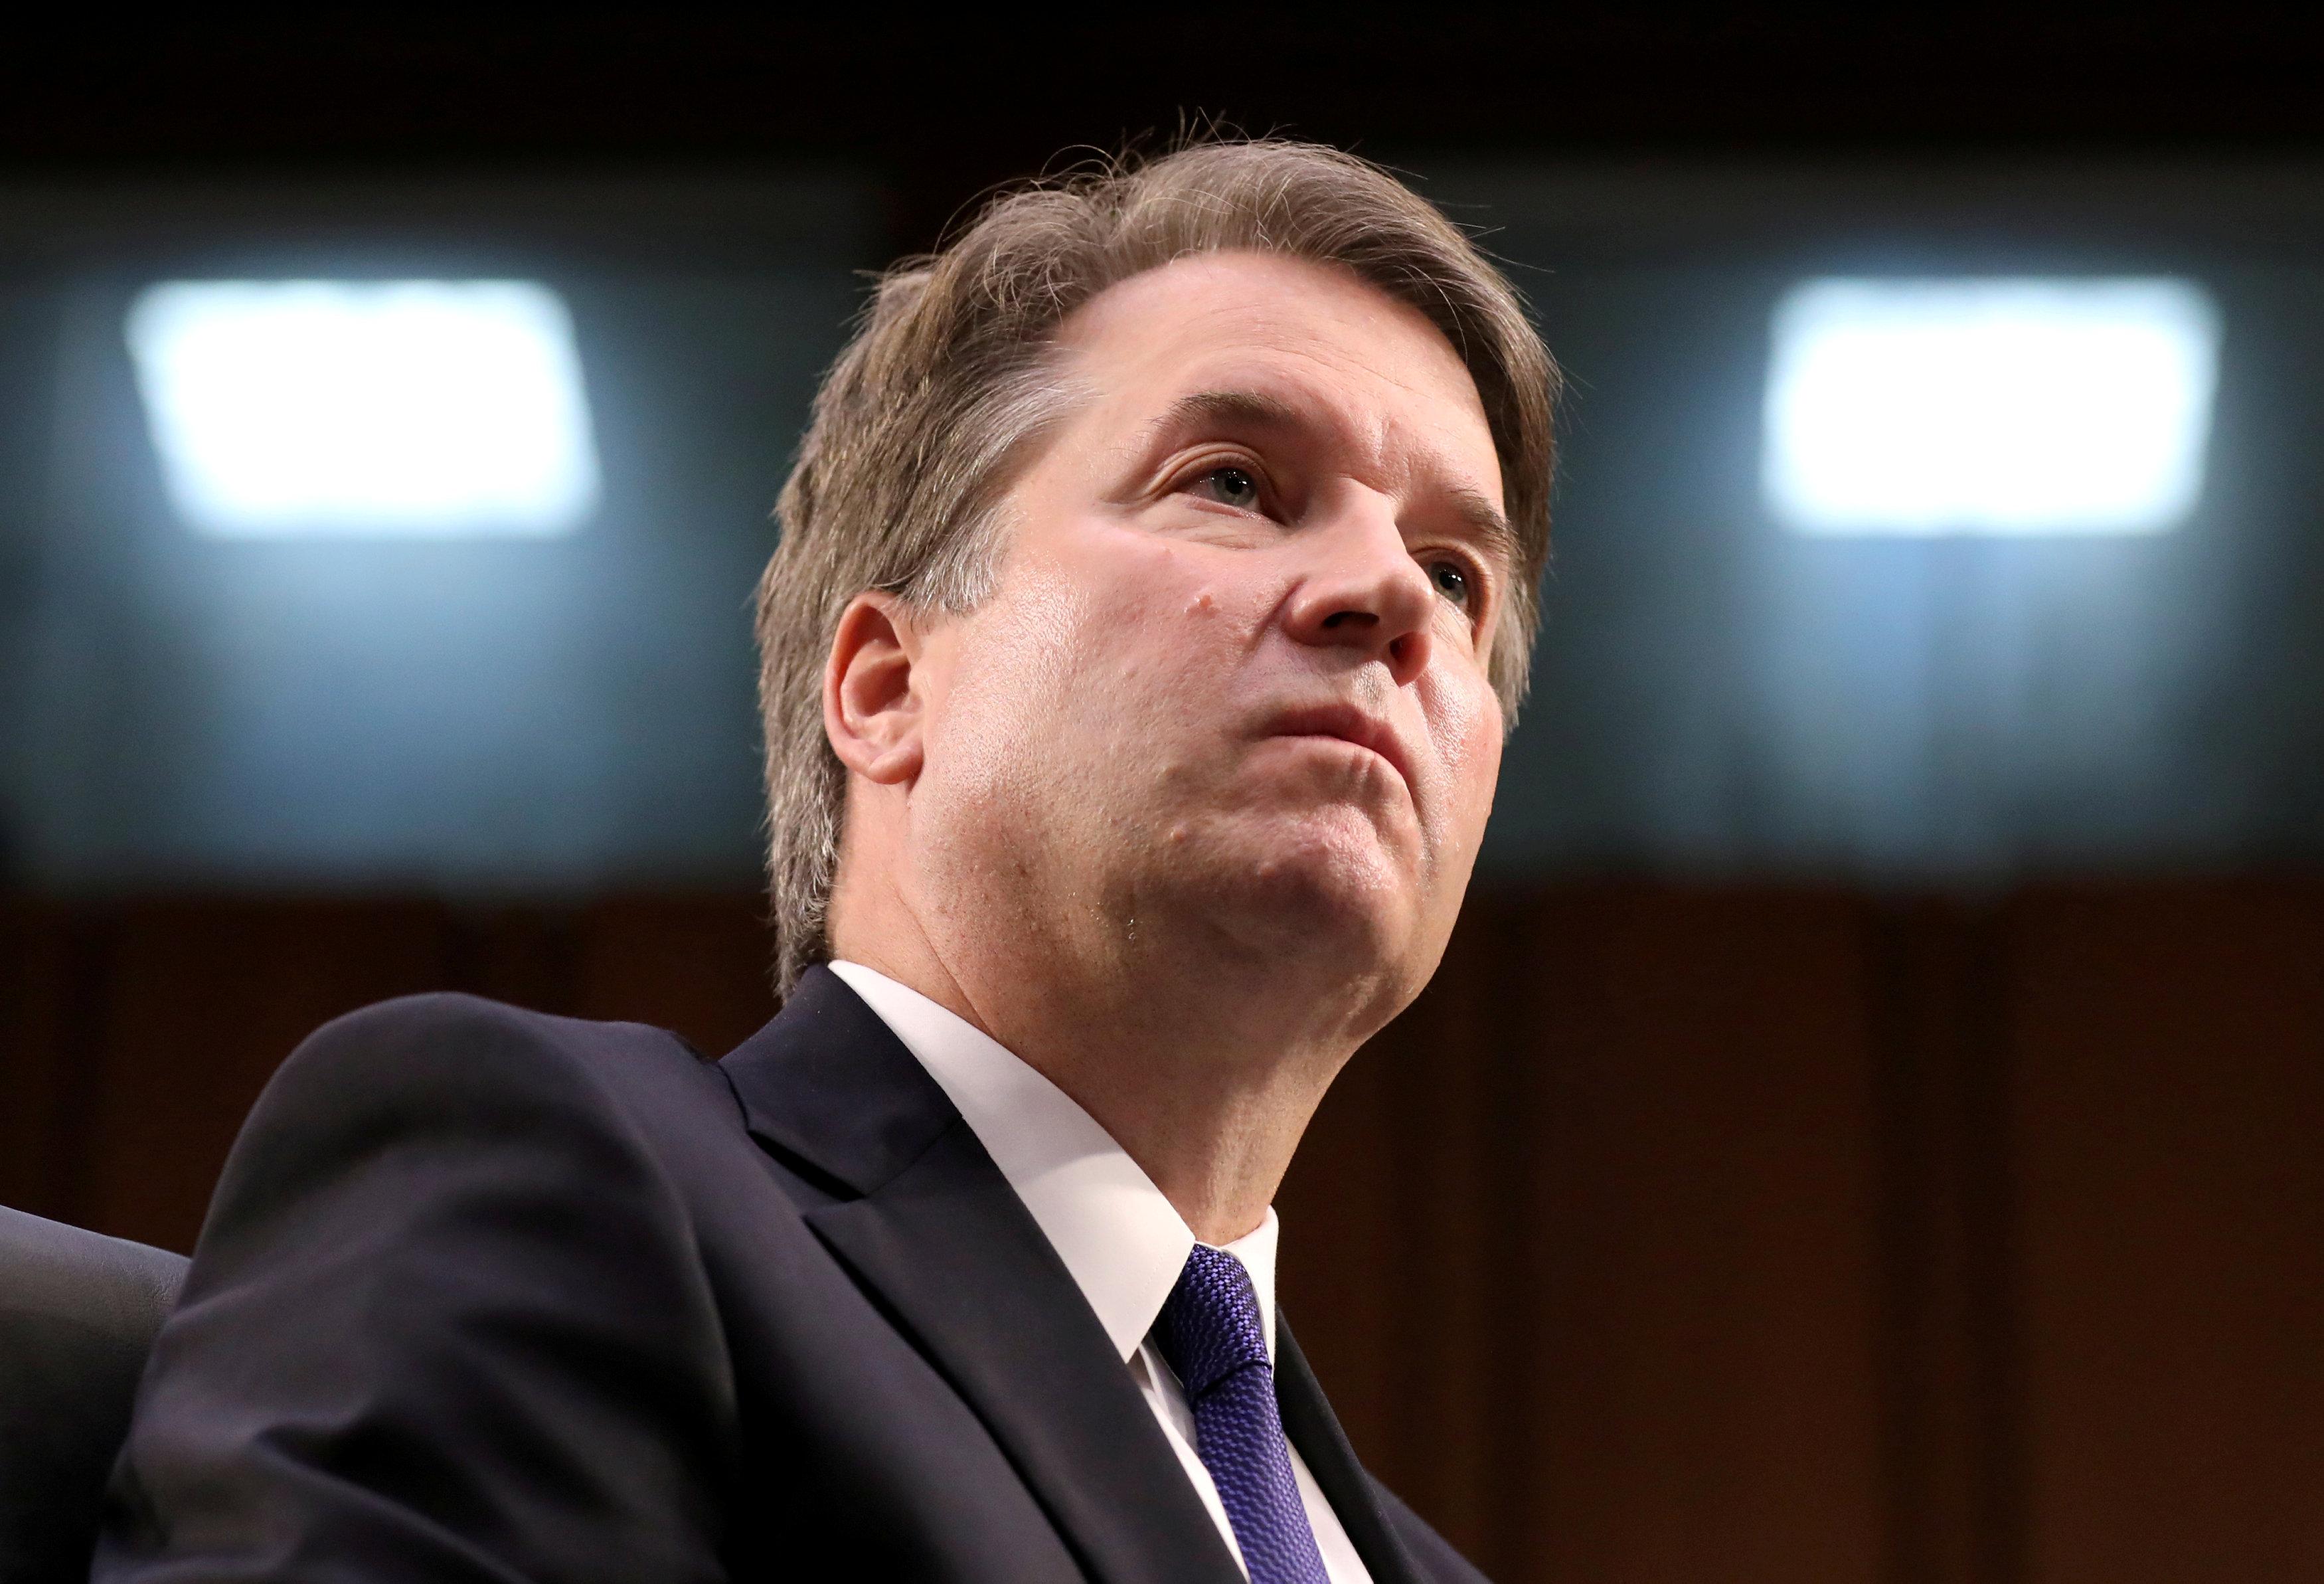 Senado votará candidatura de Kavanaugh a la Corte Suprema